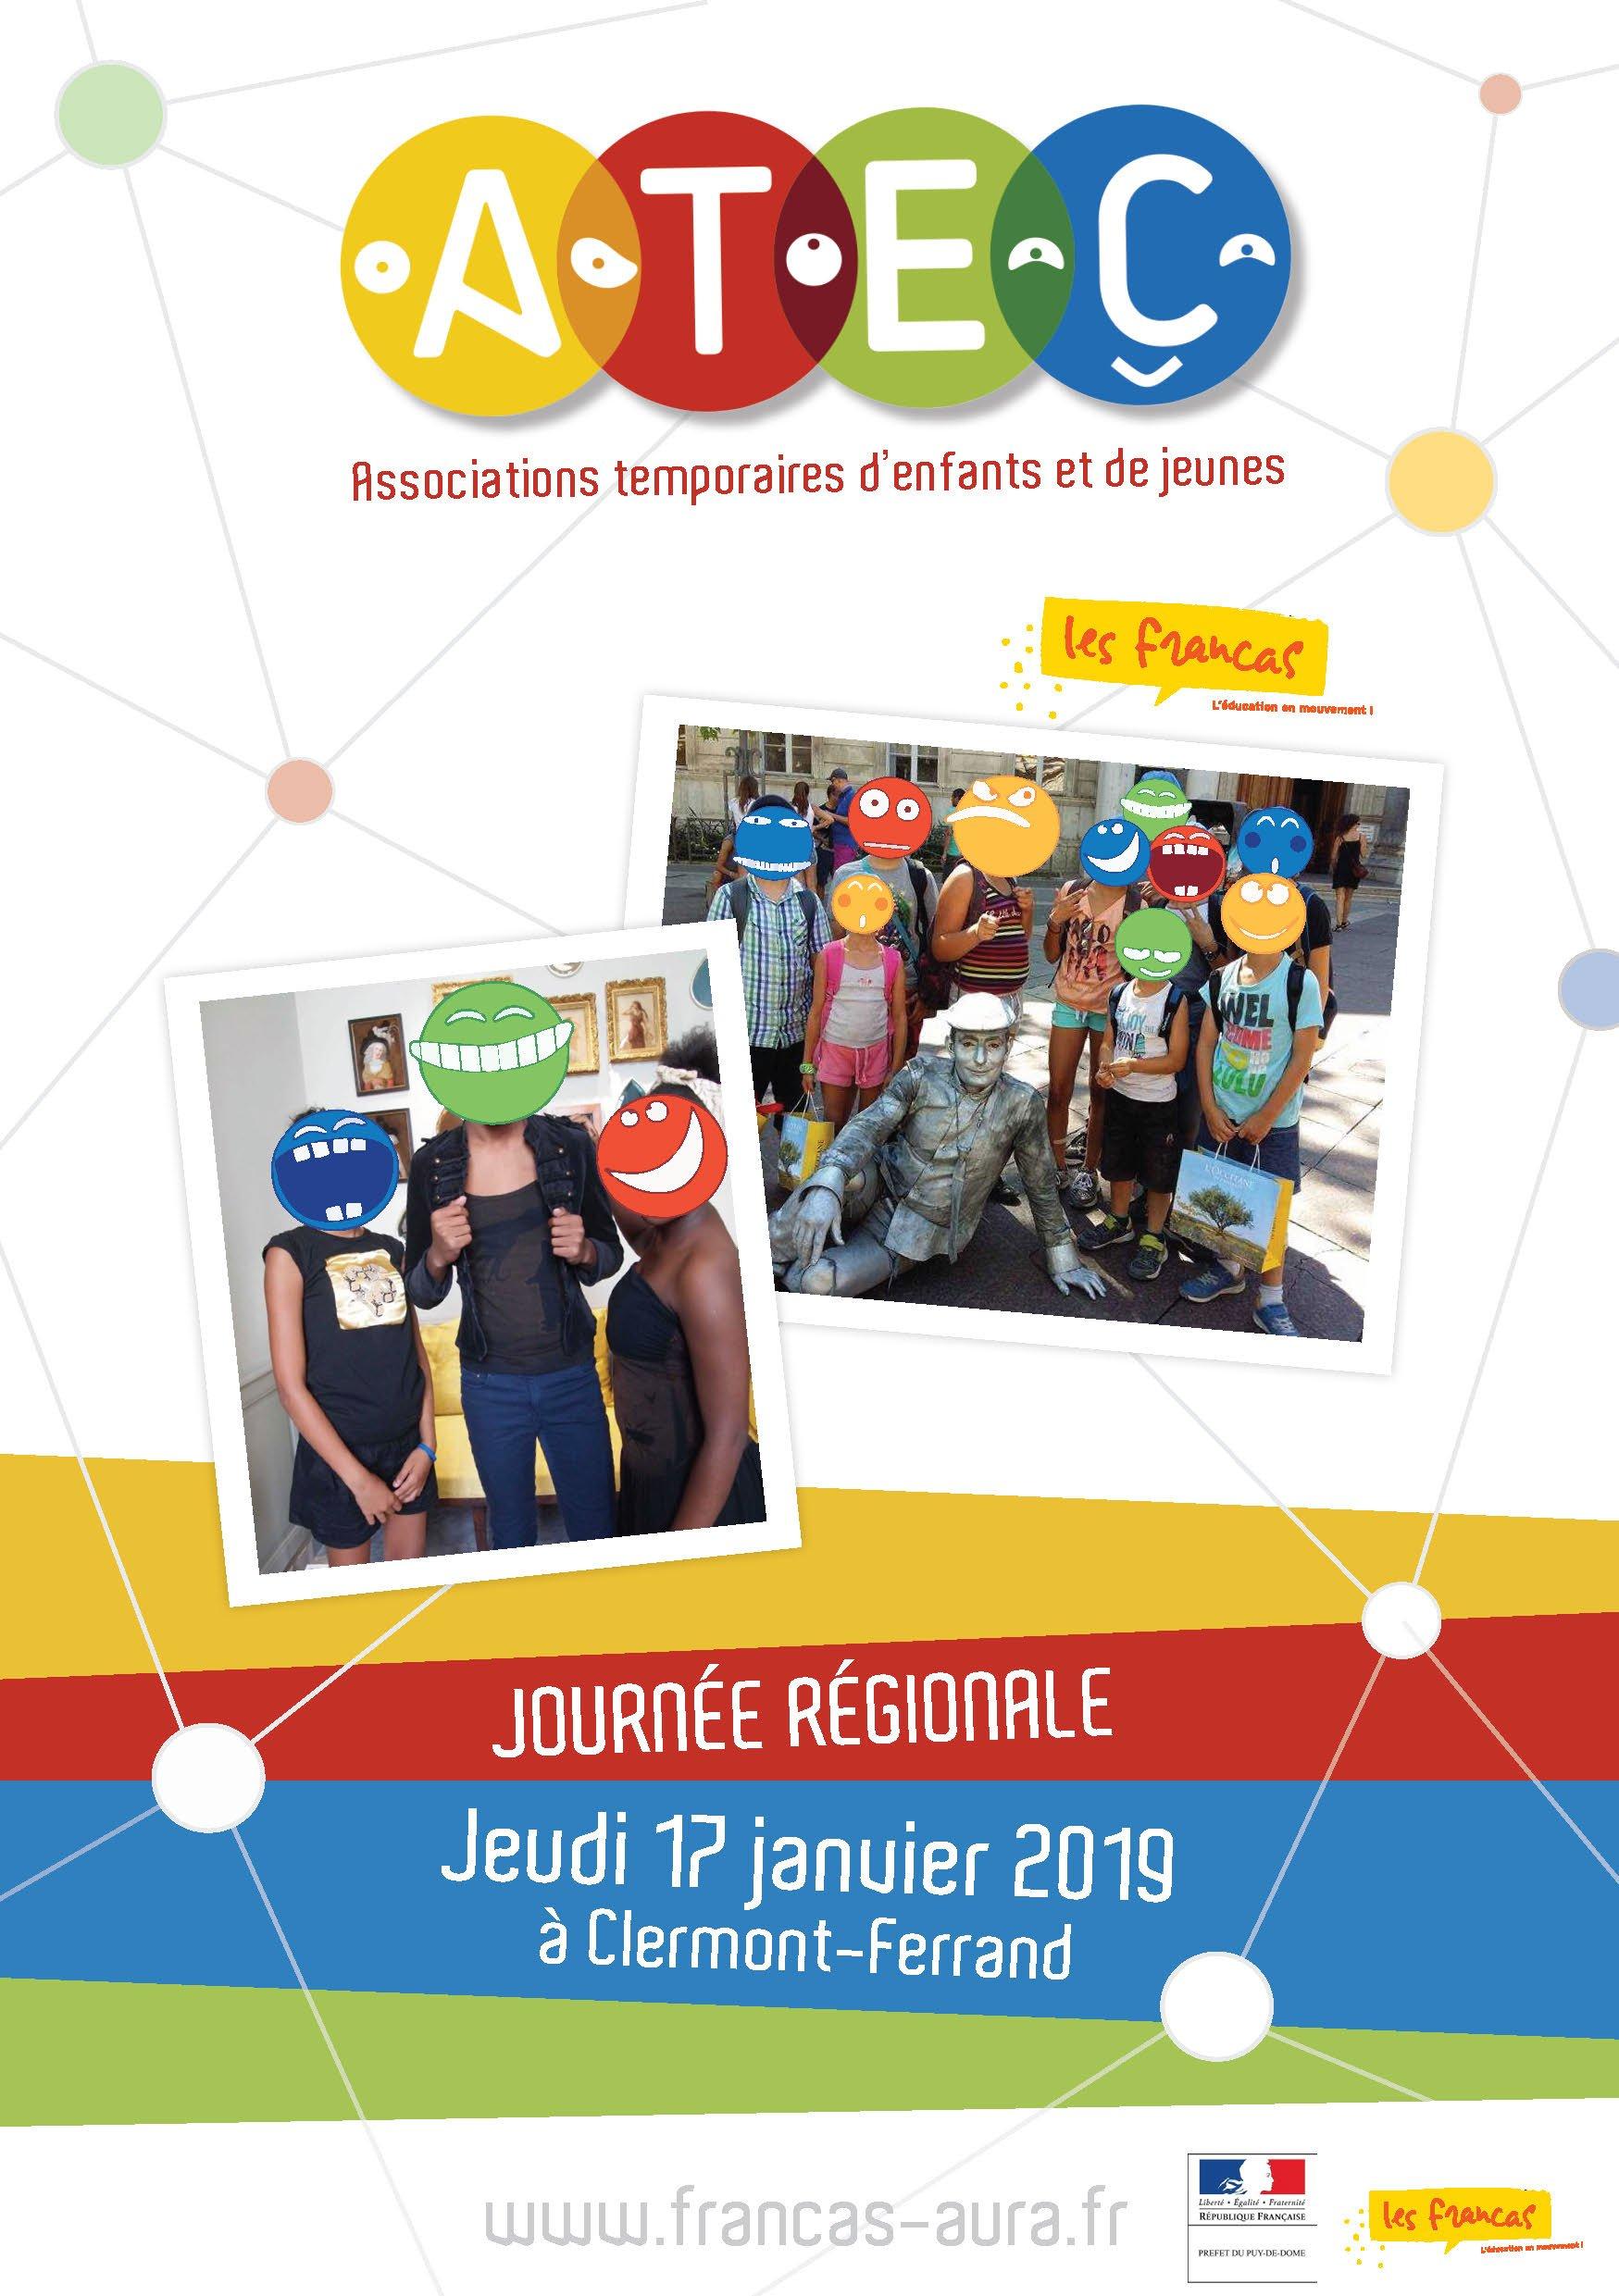 Journée régionale des ATEC : associations temporaires d'enfants et de jeunes